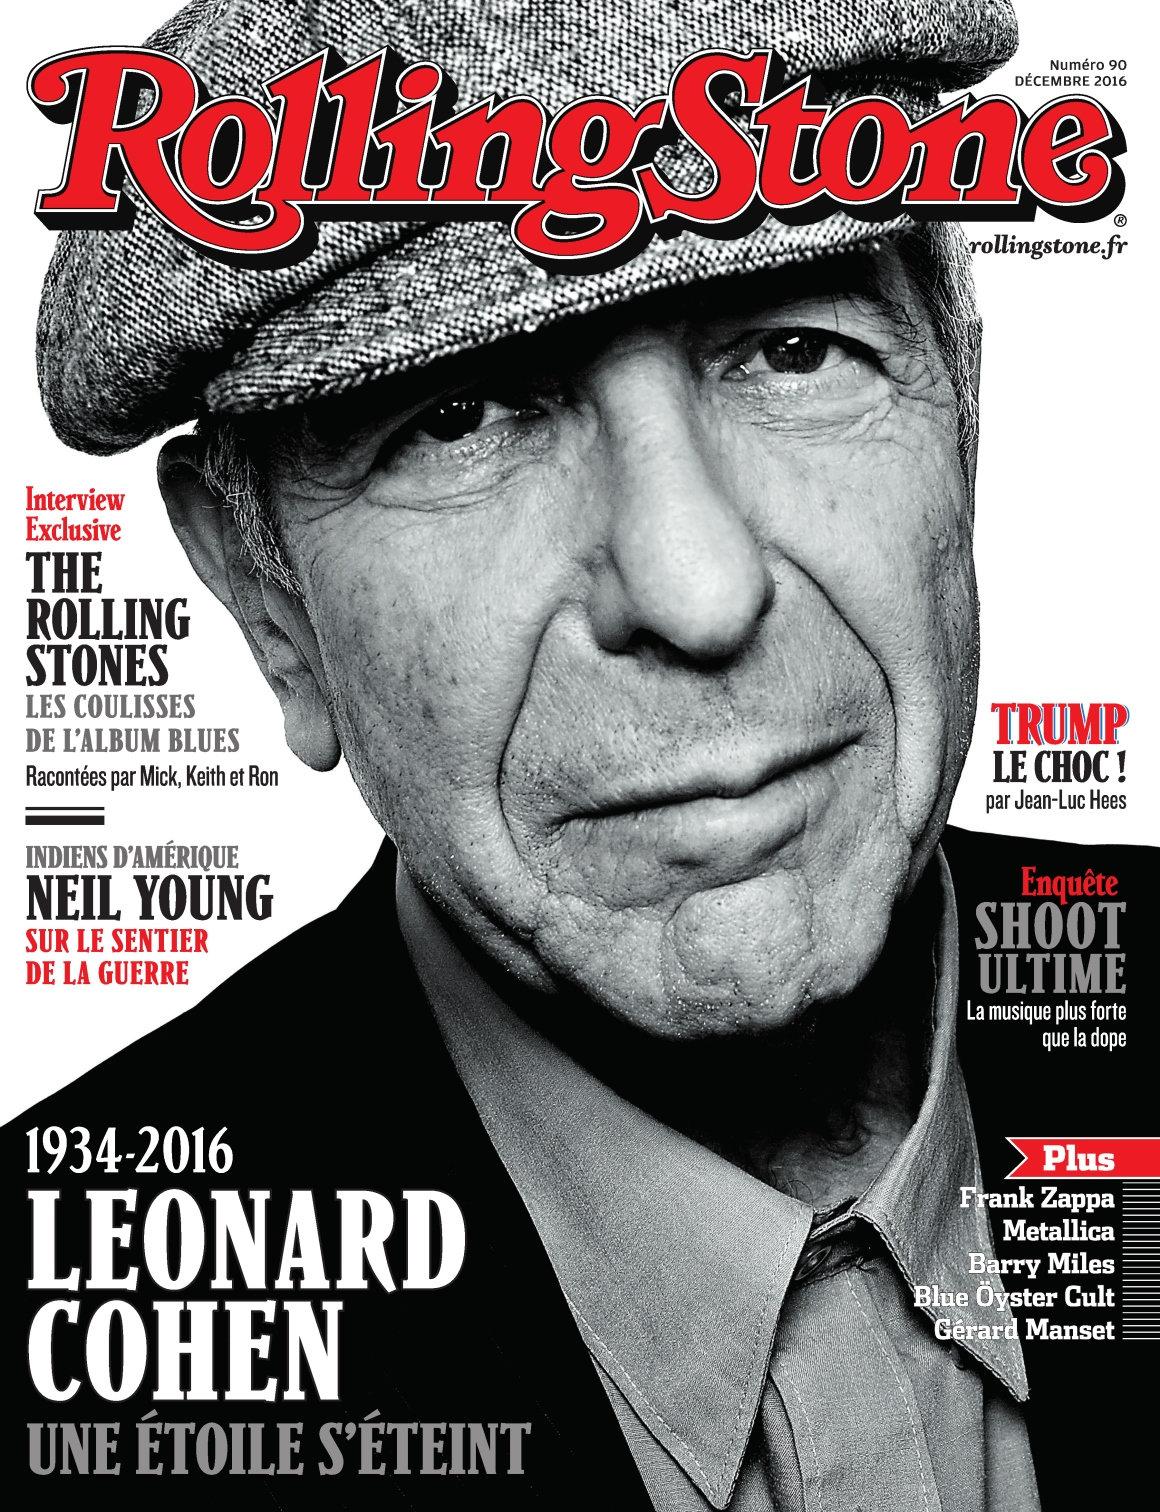 Rolling Stone N°90 - Décembre 2016